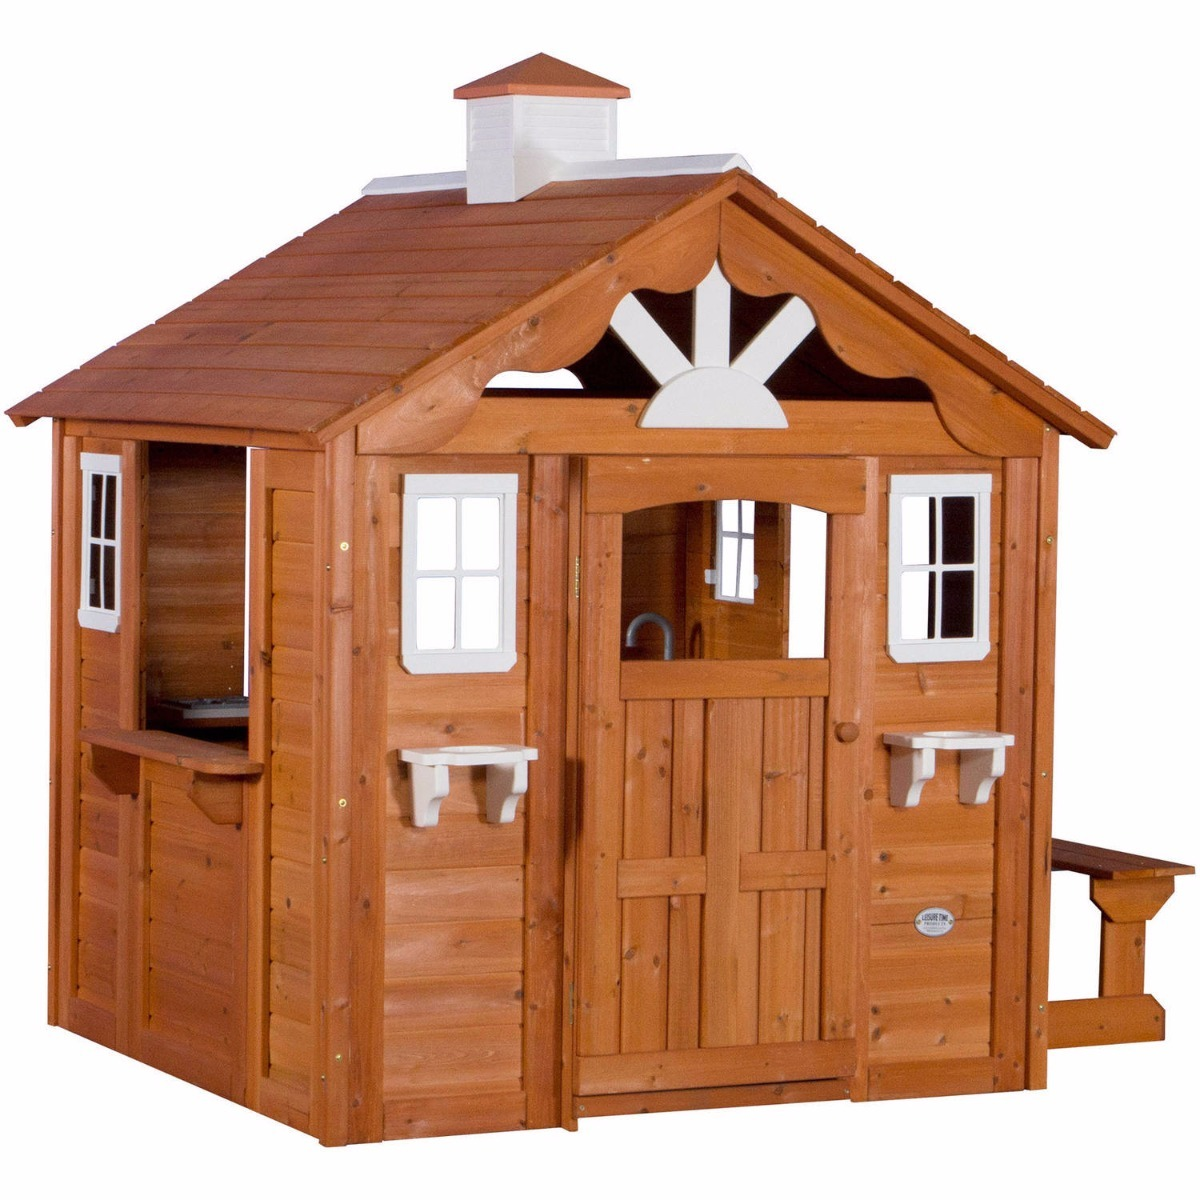 Casita casa de madera para ni os exterior summer cocinita for Casitas de madera para ninos economicas